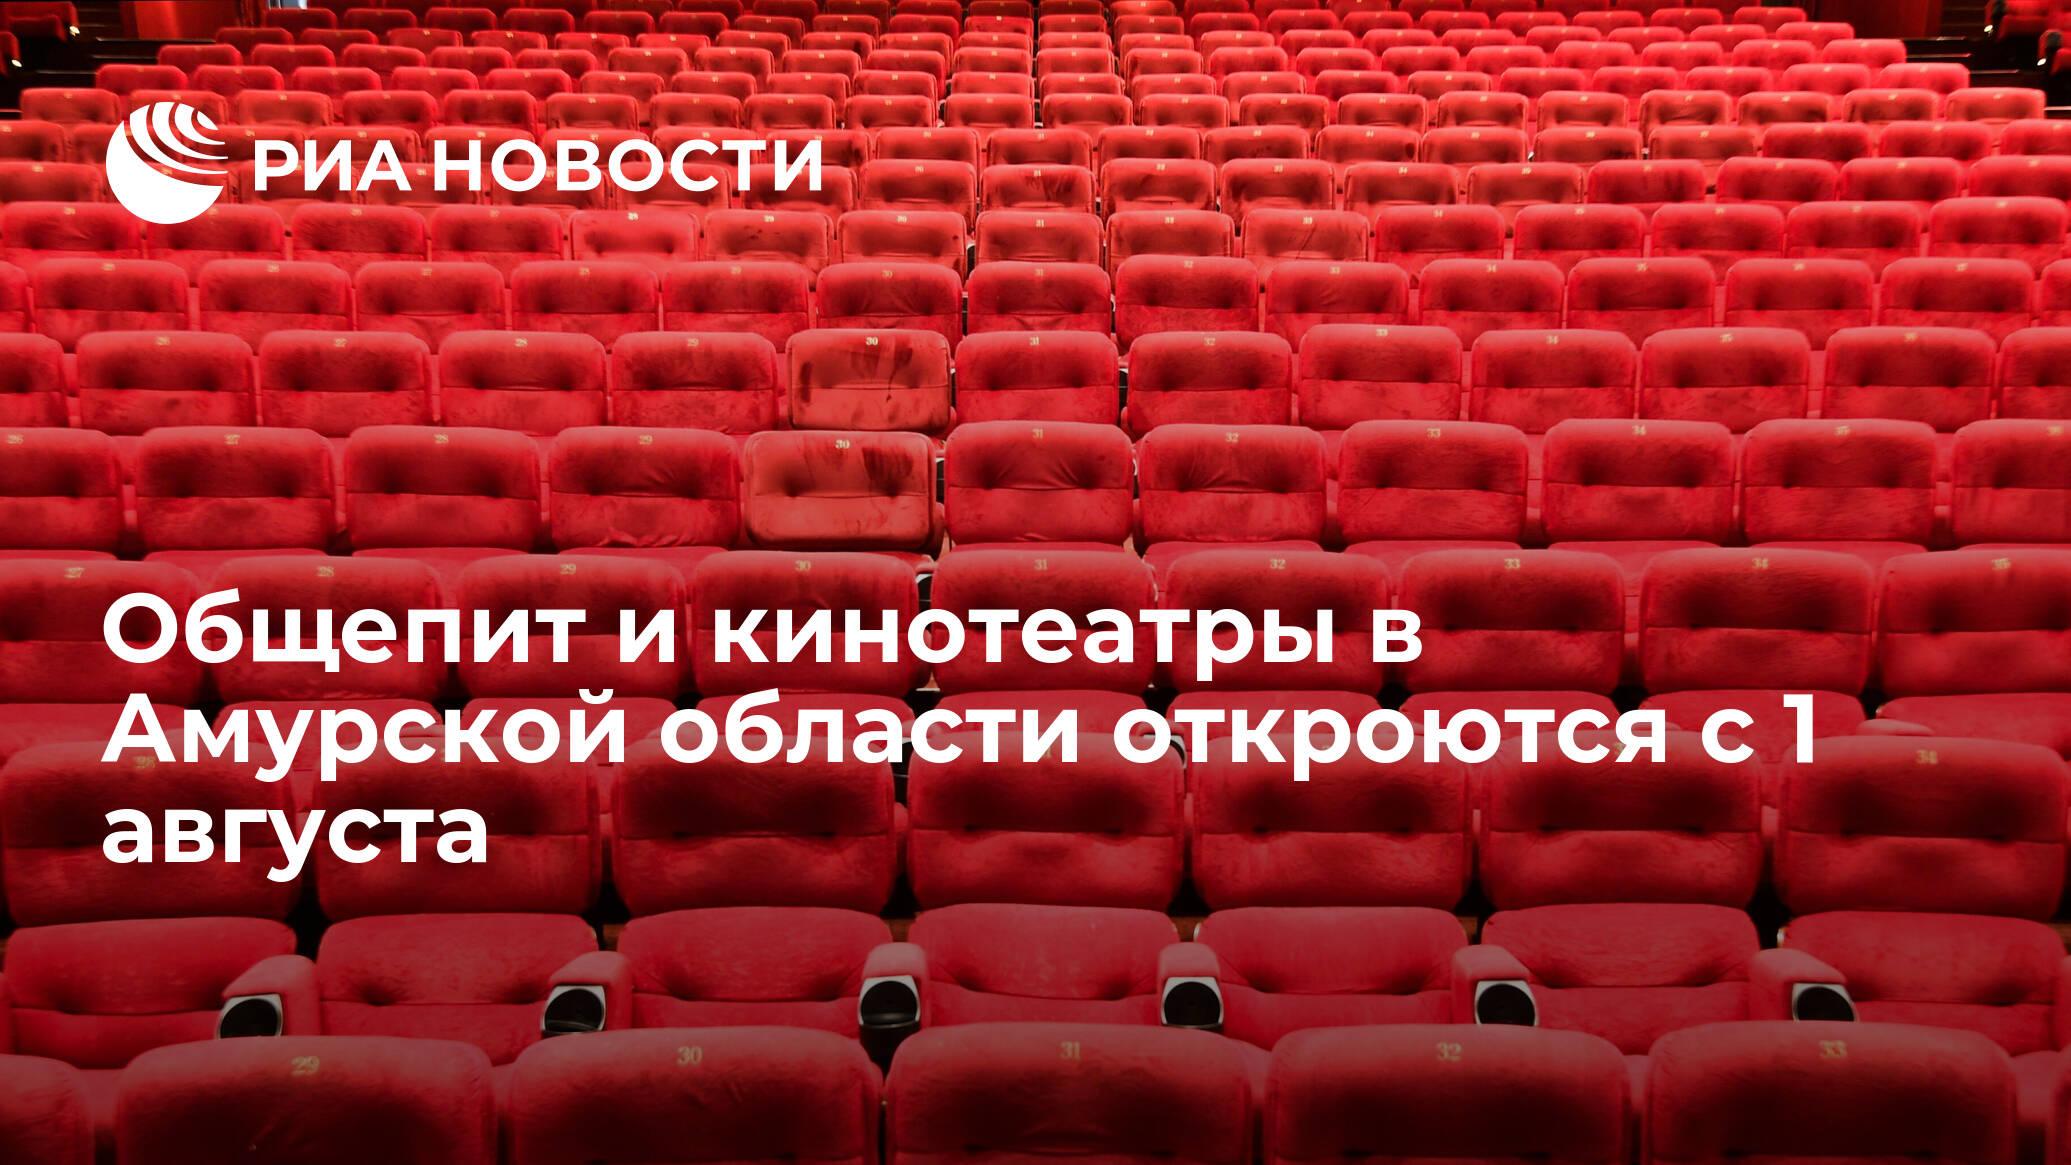 Общепит и кинотеатры в Амурской области откроются с 1 августа